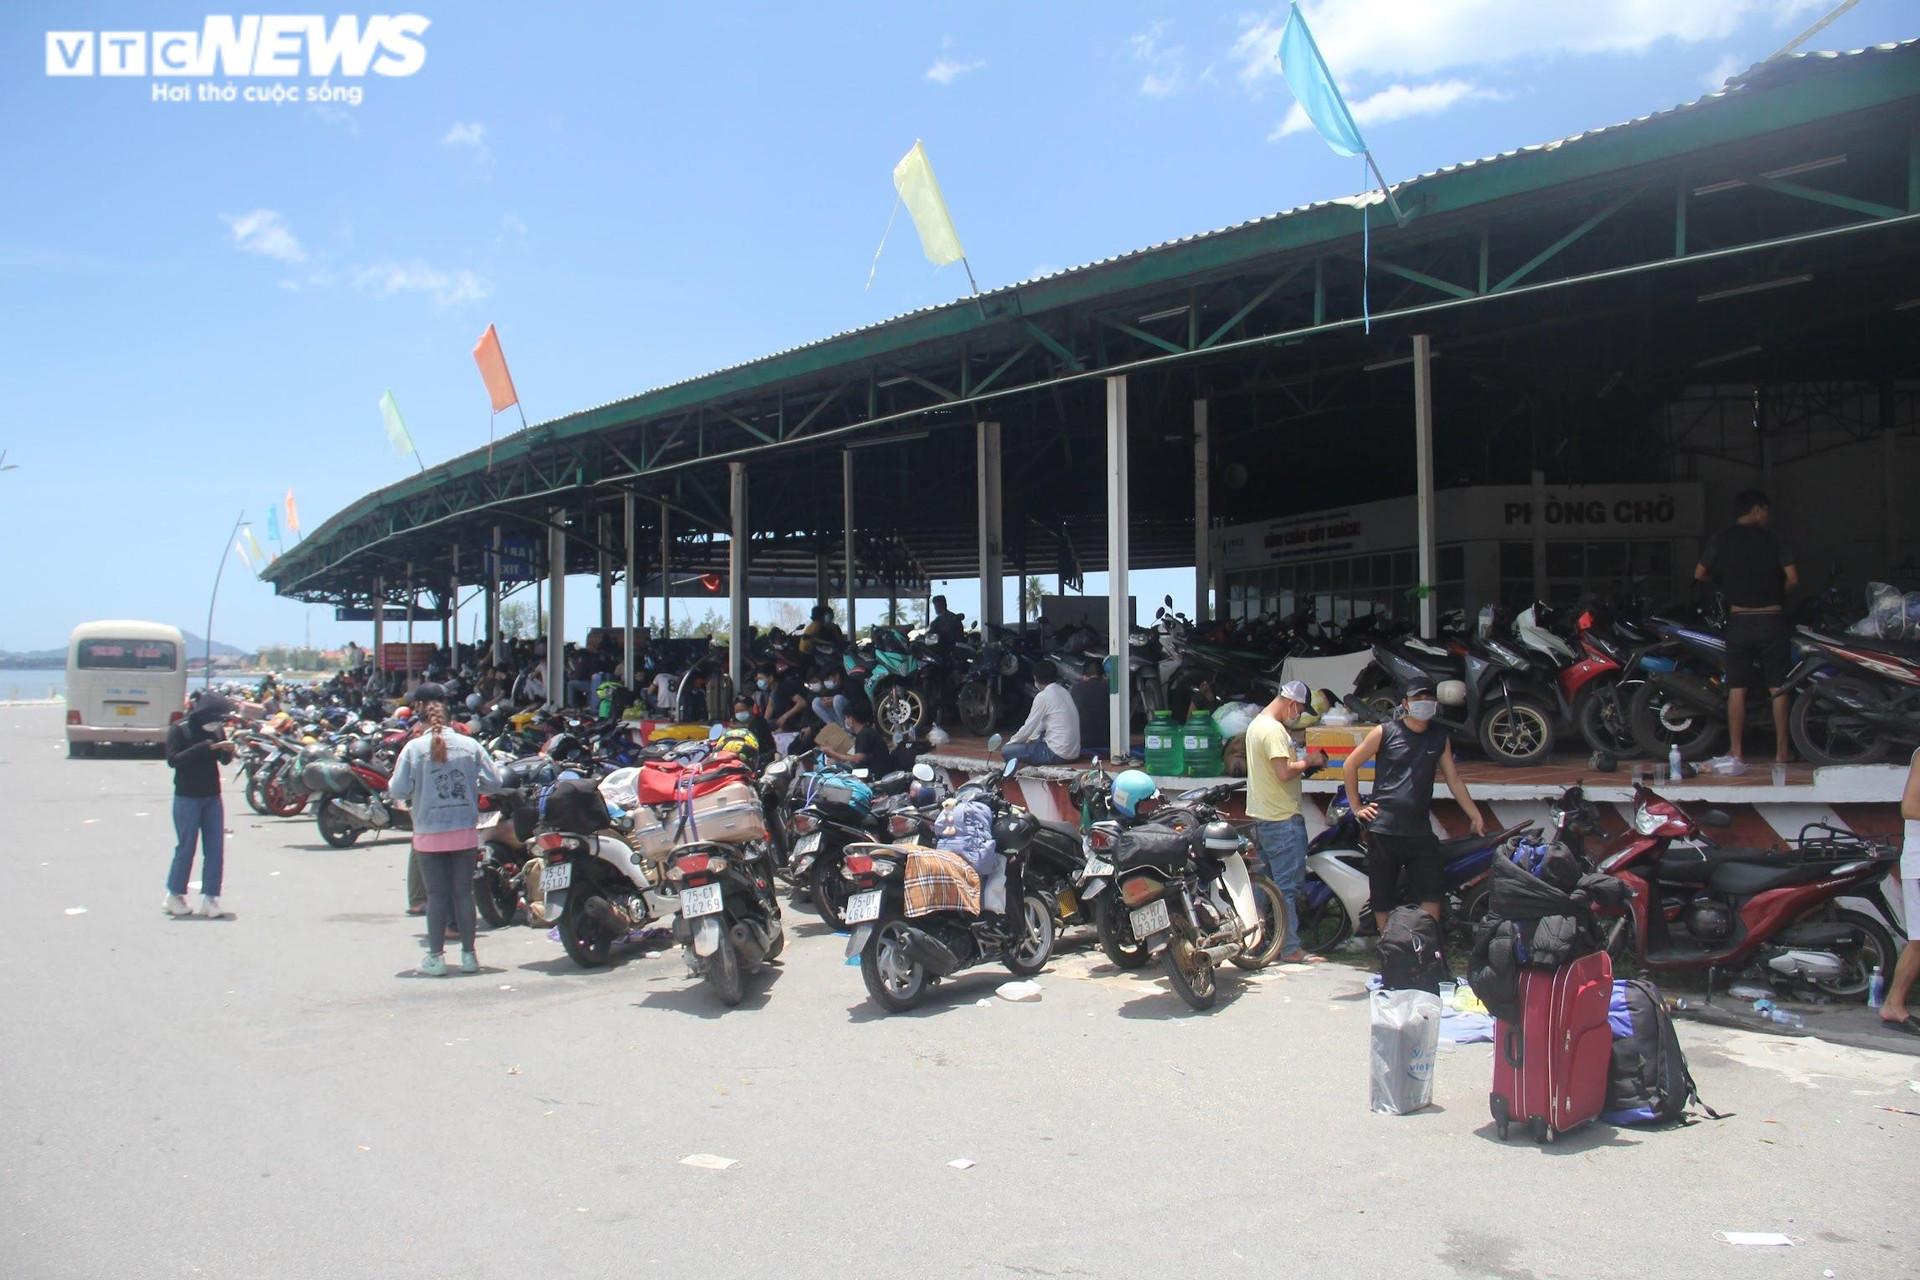 Ảnh: Dân vùng dịch ùn ùn đi xe máy về quê, 'vạ vật' tại các chốt kiểm soát ở Huế - 1